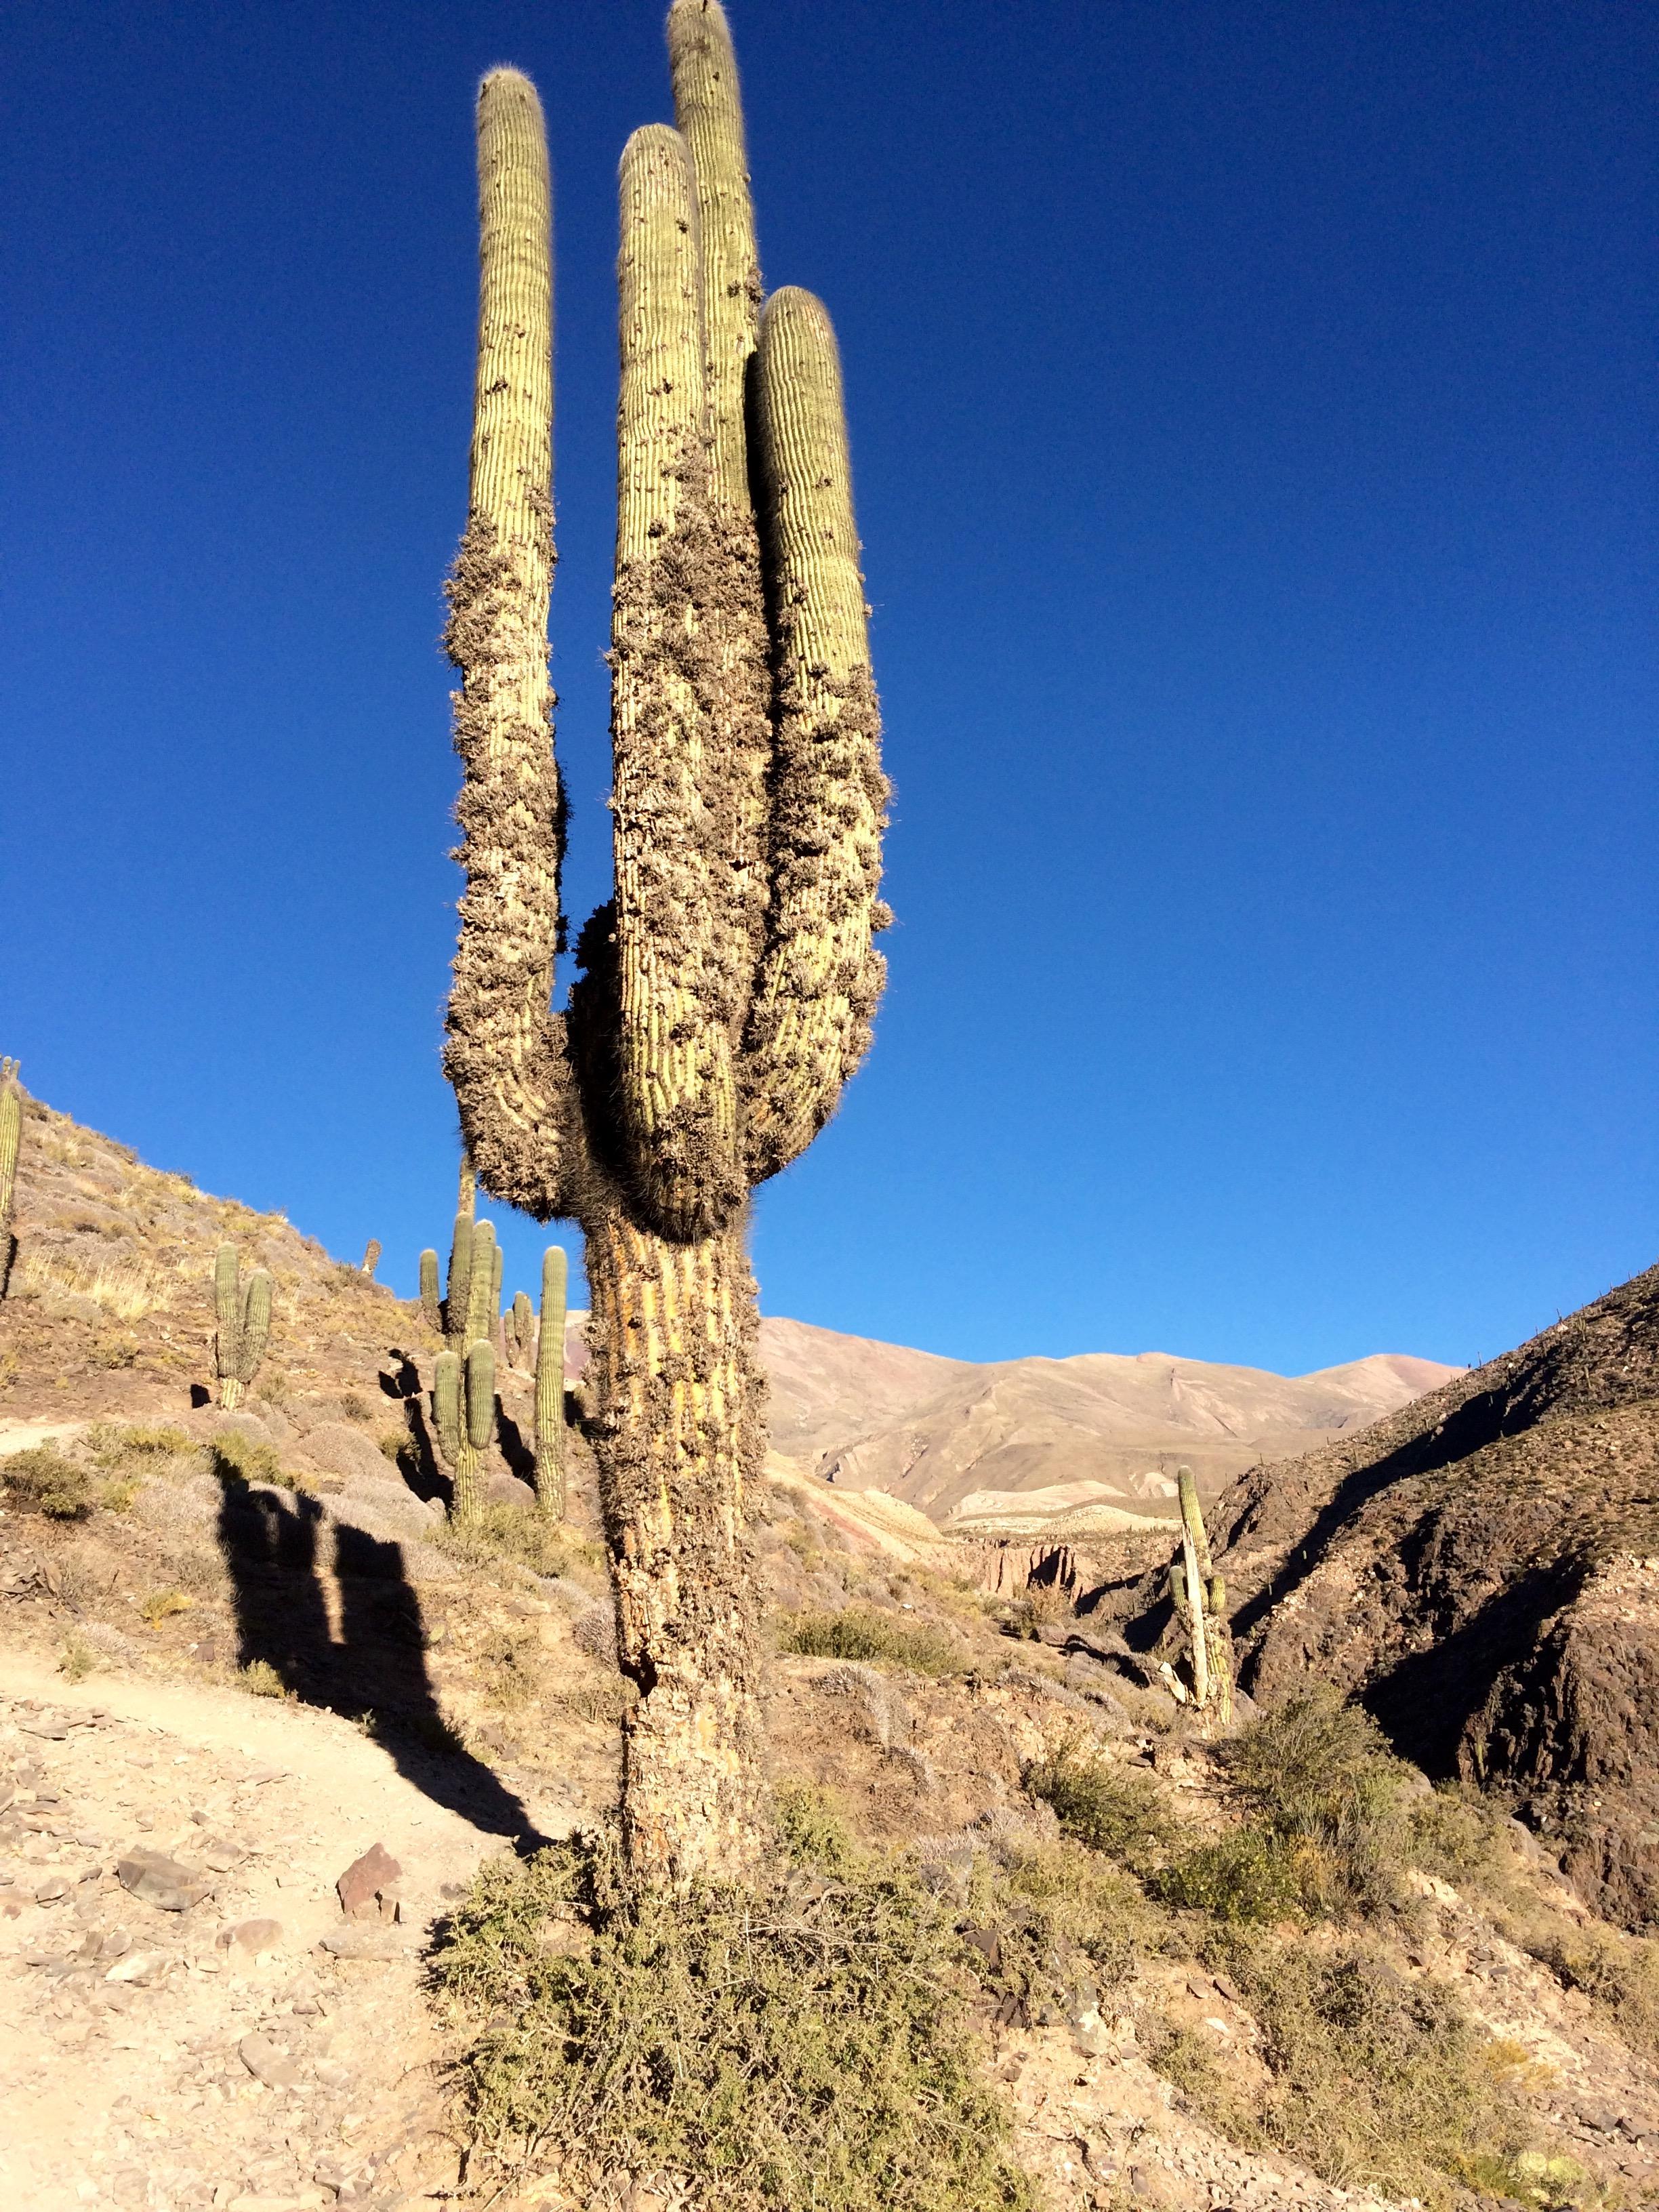 Devil's throat cactus